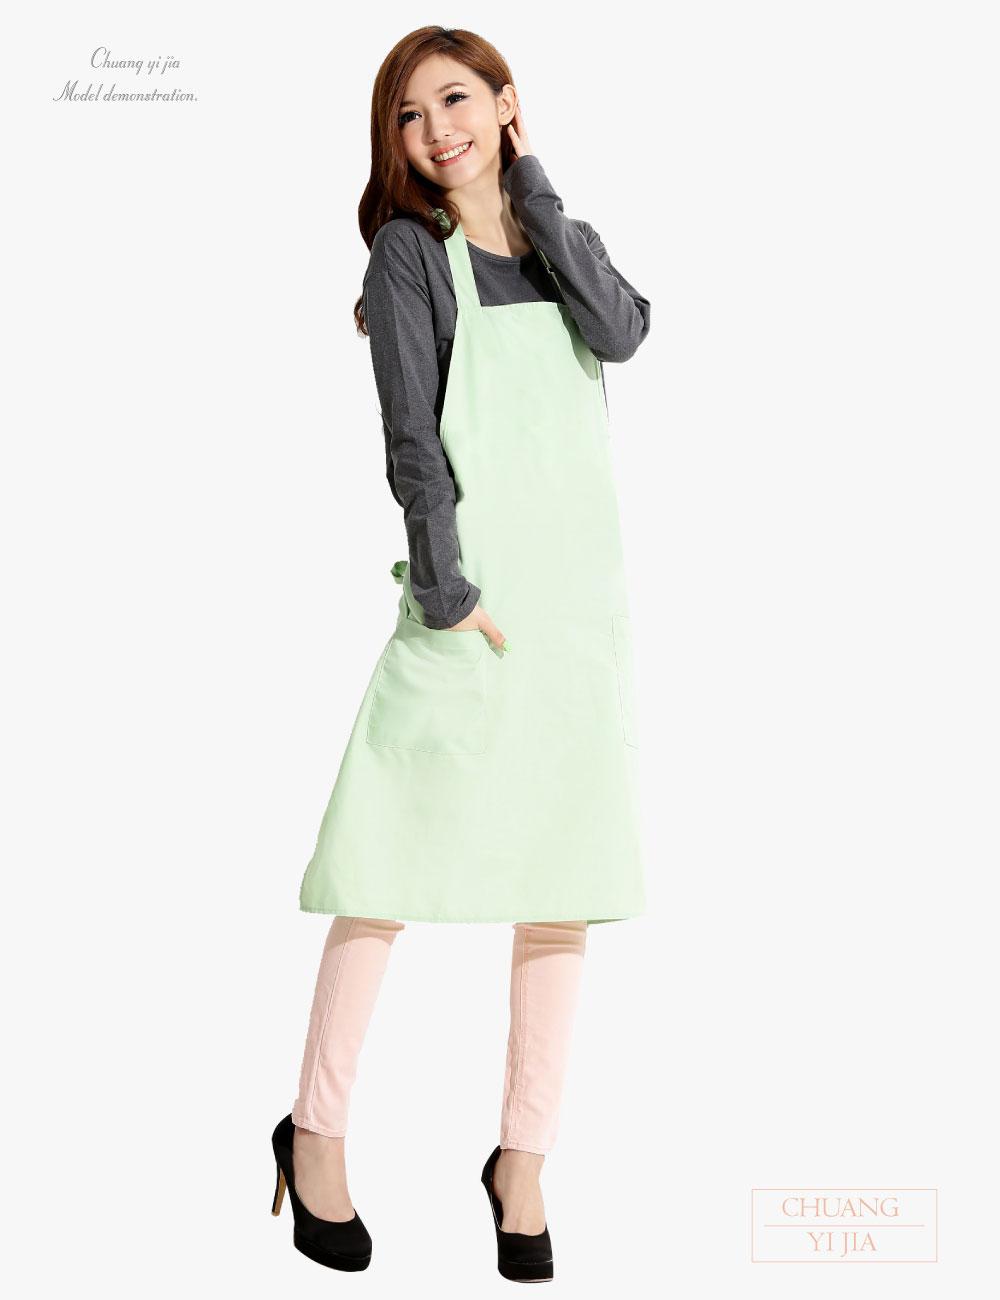 廚房圍裙 井式,烘培圍裙,園藝圍裙,防髒圍裙,日式圍裙,半截圍裙,圍裙訂製,職人日式圍裙圍